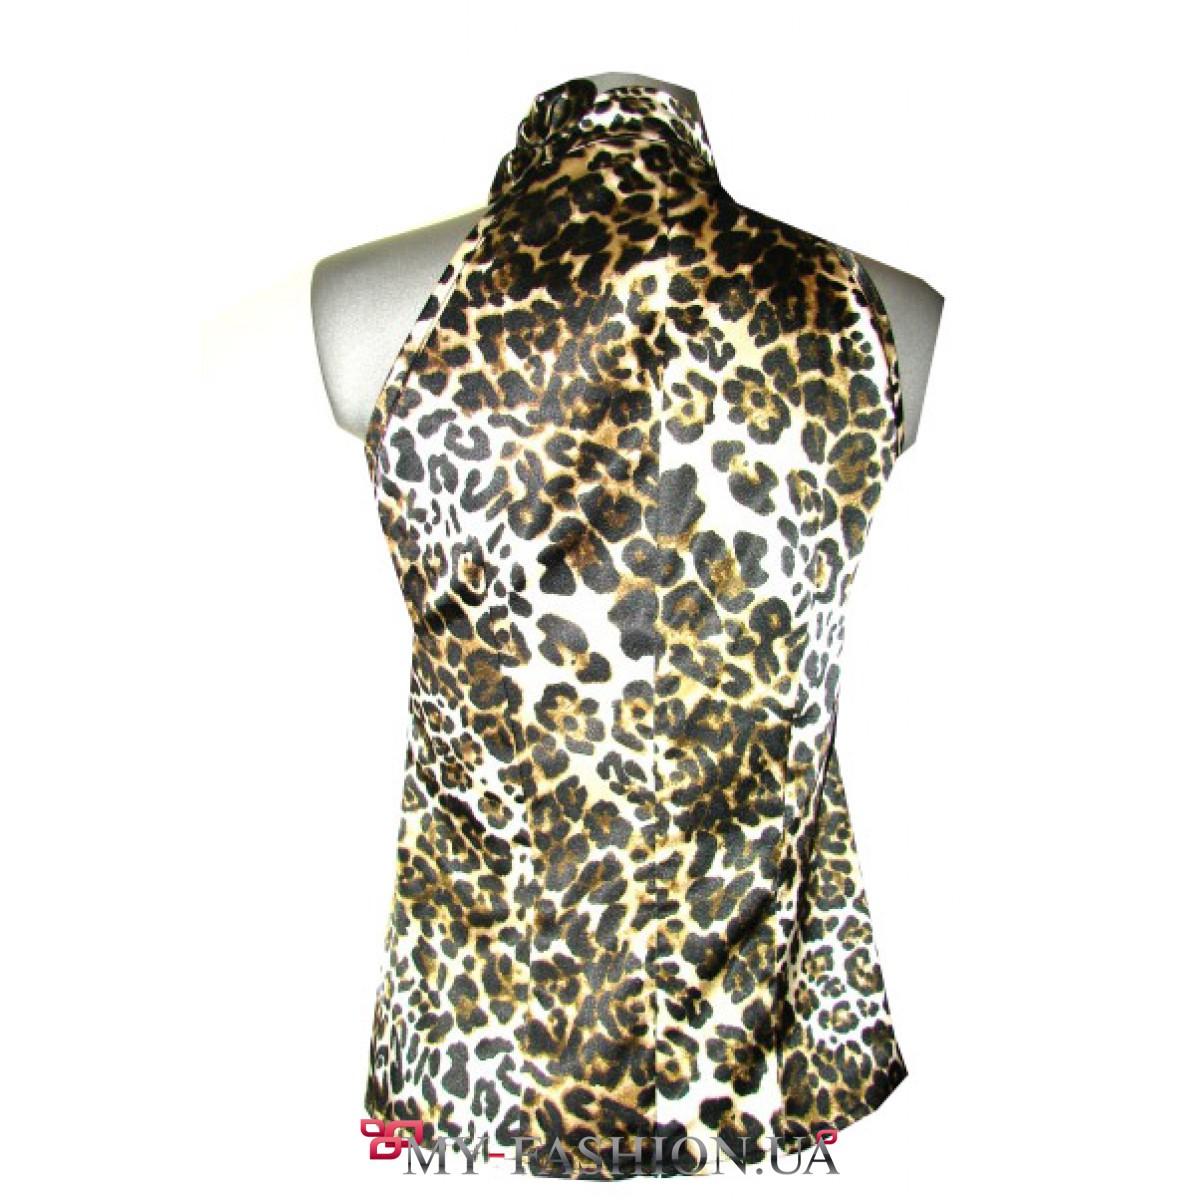 Купить модную блузку на лето